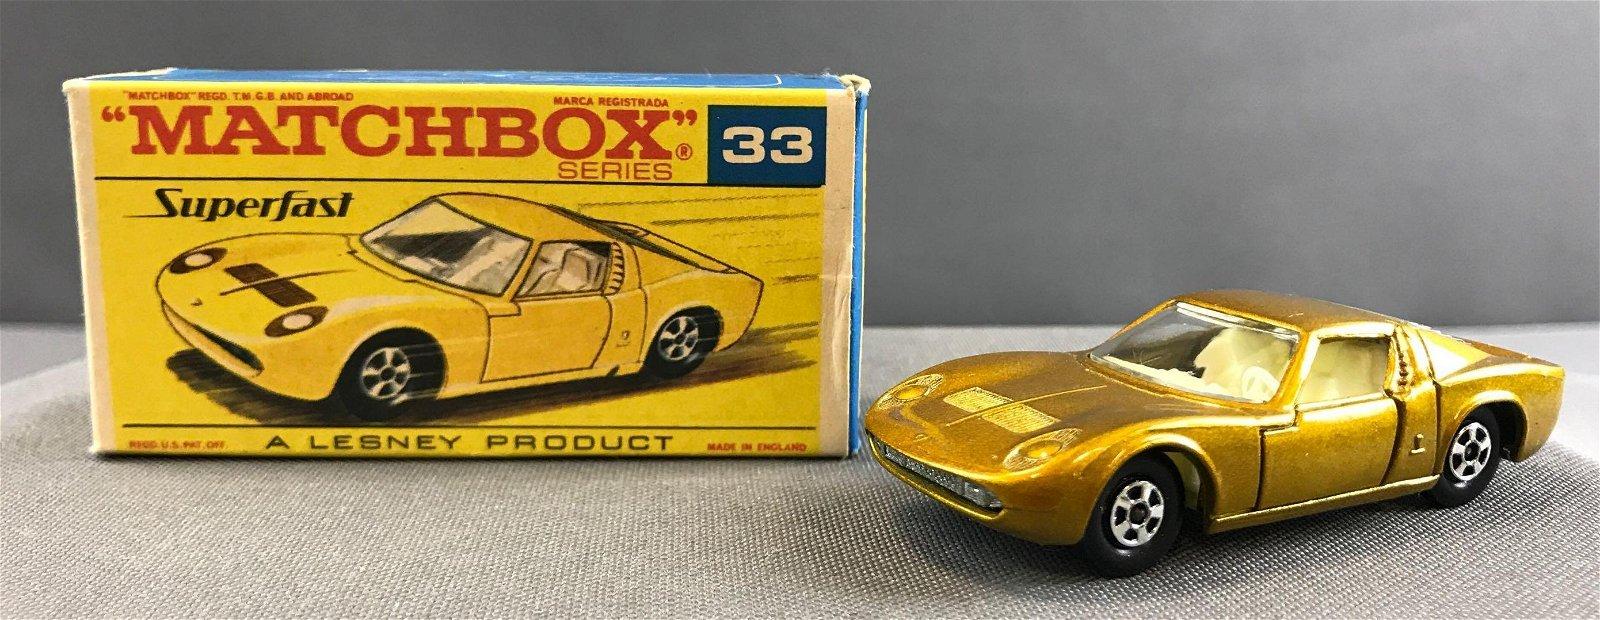 Matchbox Superfast No. 33 Lamborghini Miura die cast